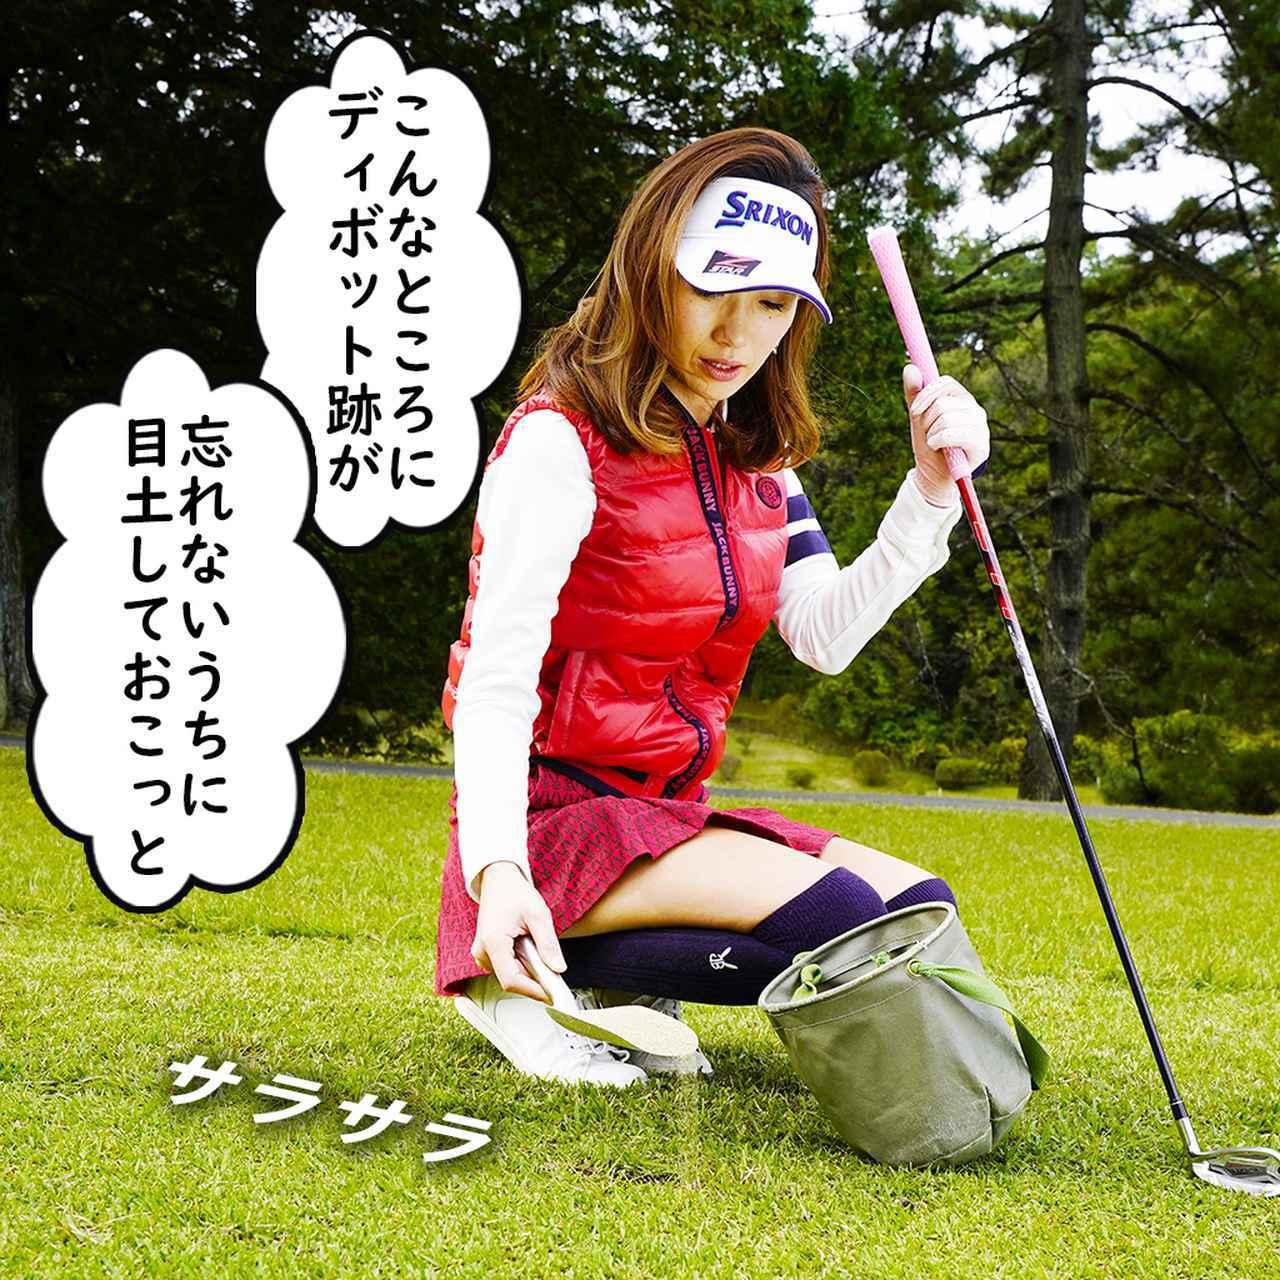 画像2: 【新ルール】目土をしてからアドレスしたら、足にかかった! これってスタンス区域の改善になる?